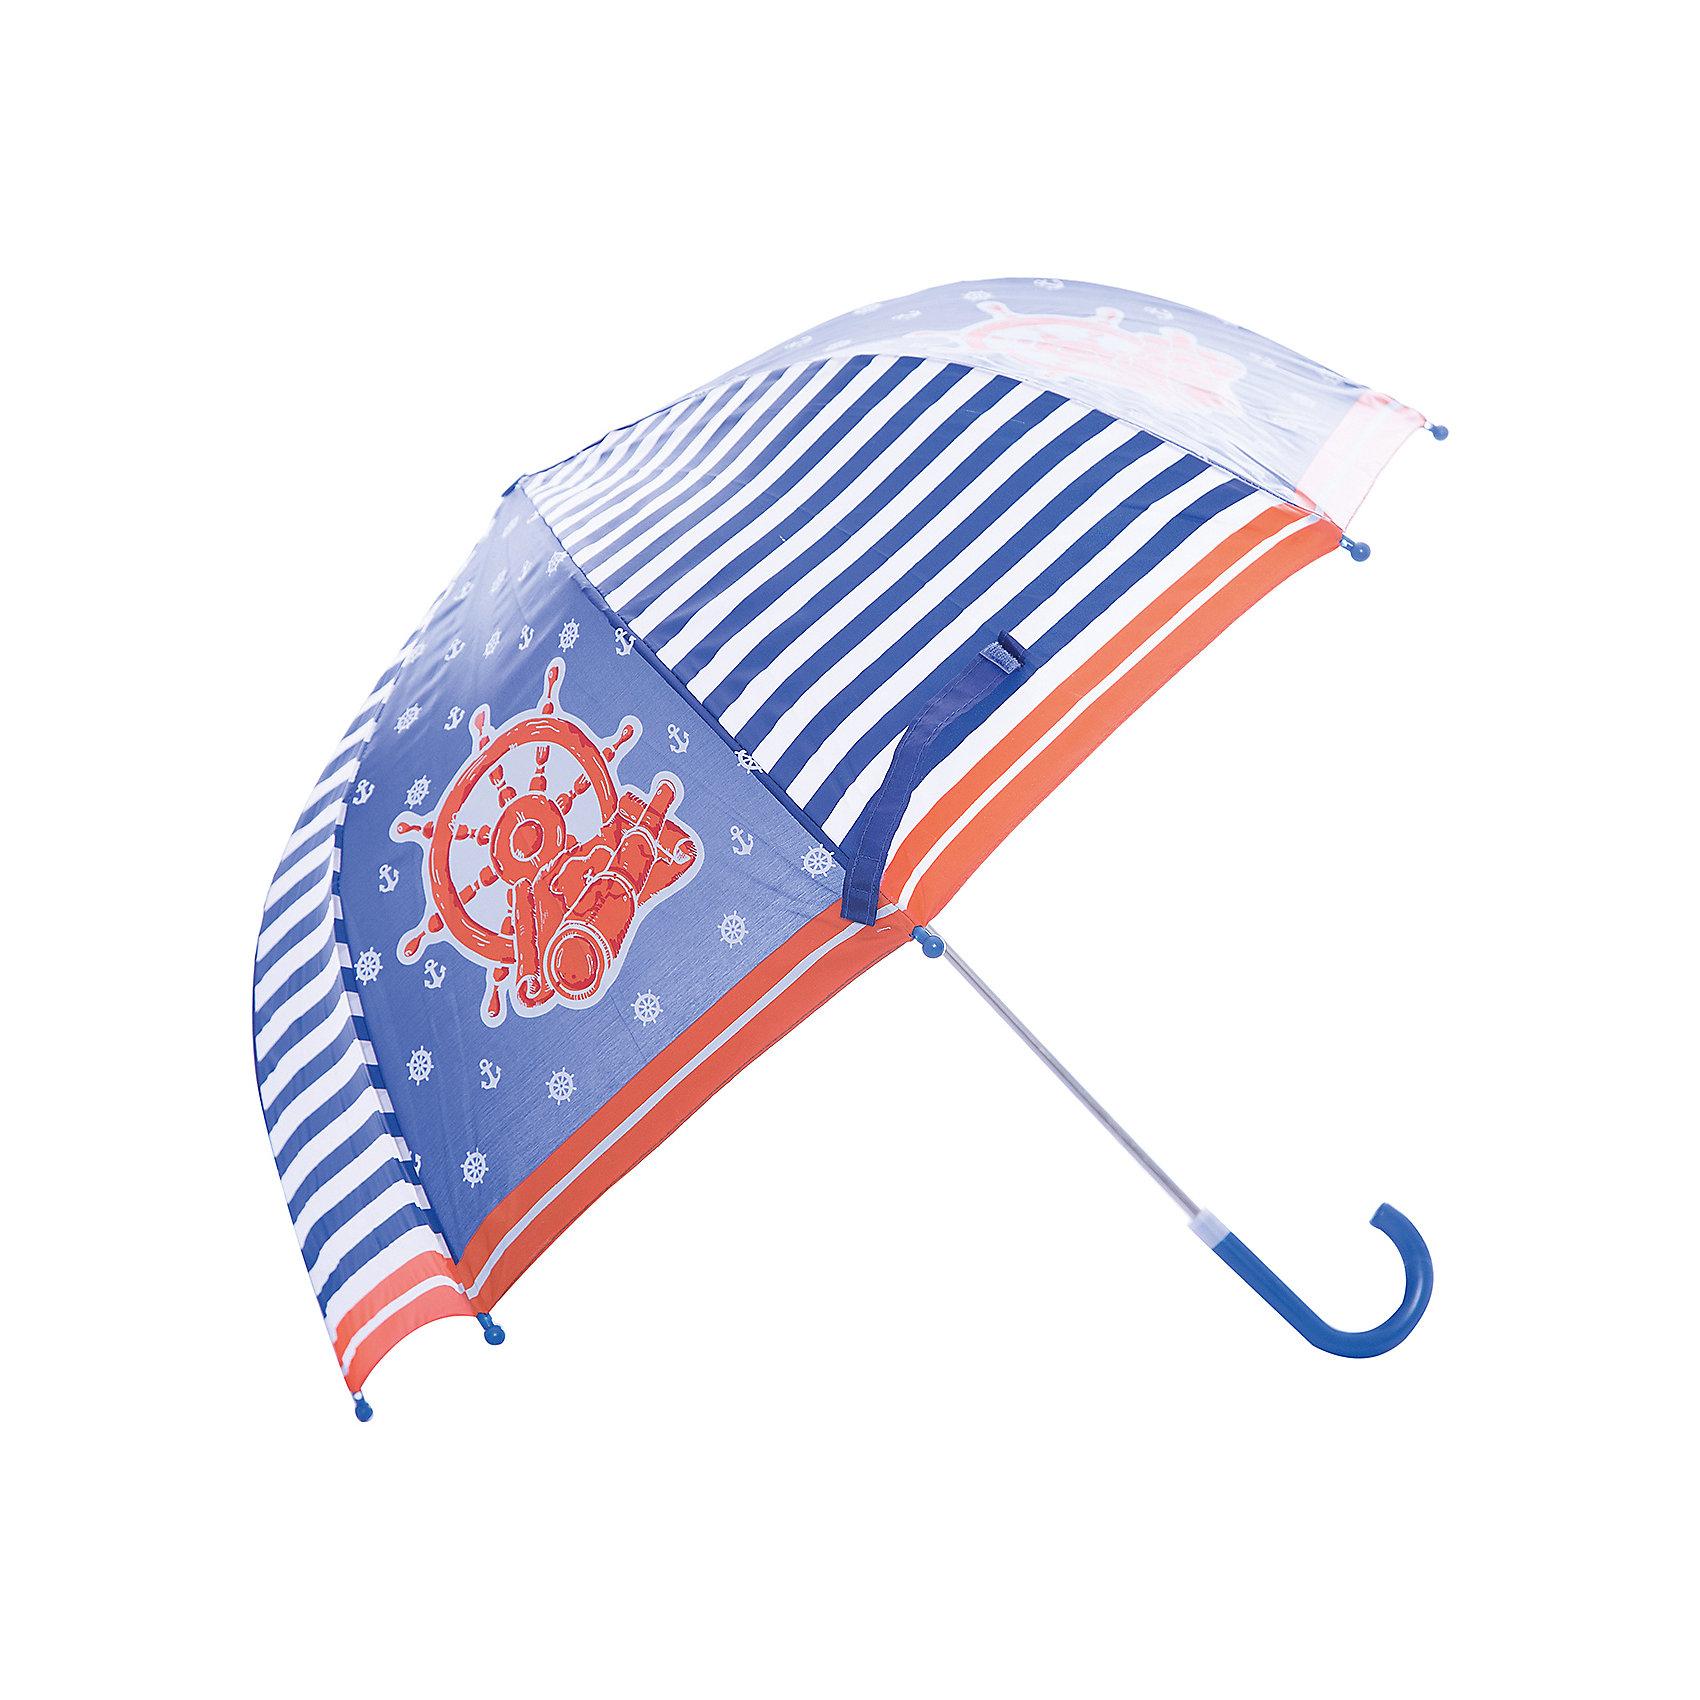 Зонт детский Море, 46 см.Детский зонтик-тросточка Море защитит ребенка от непогоды. Зонтик не боится дождя и ветра благодаря прочному креплению купола к каркасу. Технические характеристики: Механическая система складывания; Концы спиц закрыты пластиковыми шариками; Пластиковый фиксатор на стержне зонтика; Радиус купола - 46 см.<br><br>Ширина мм: 580<br>Глубина мм: 400<br>Высота мм: 800<br>Вес г: 200<br>Возраст от месяцев: 36<br>Возраст до месяцев: 2147483647<br>Пол: Унисекс<br>Возраст: Детский<br>SKU: 5508516